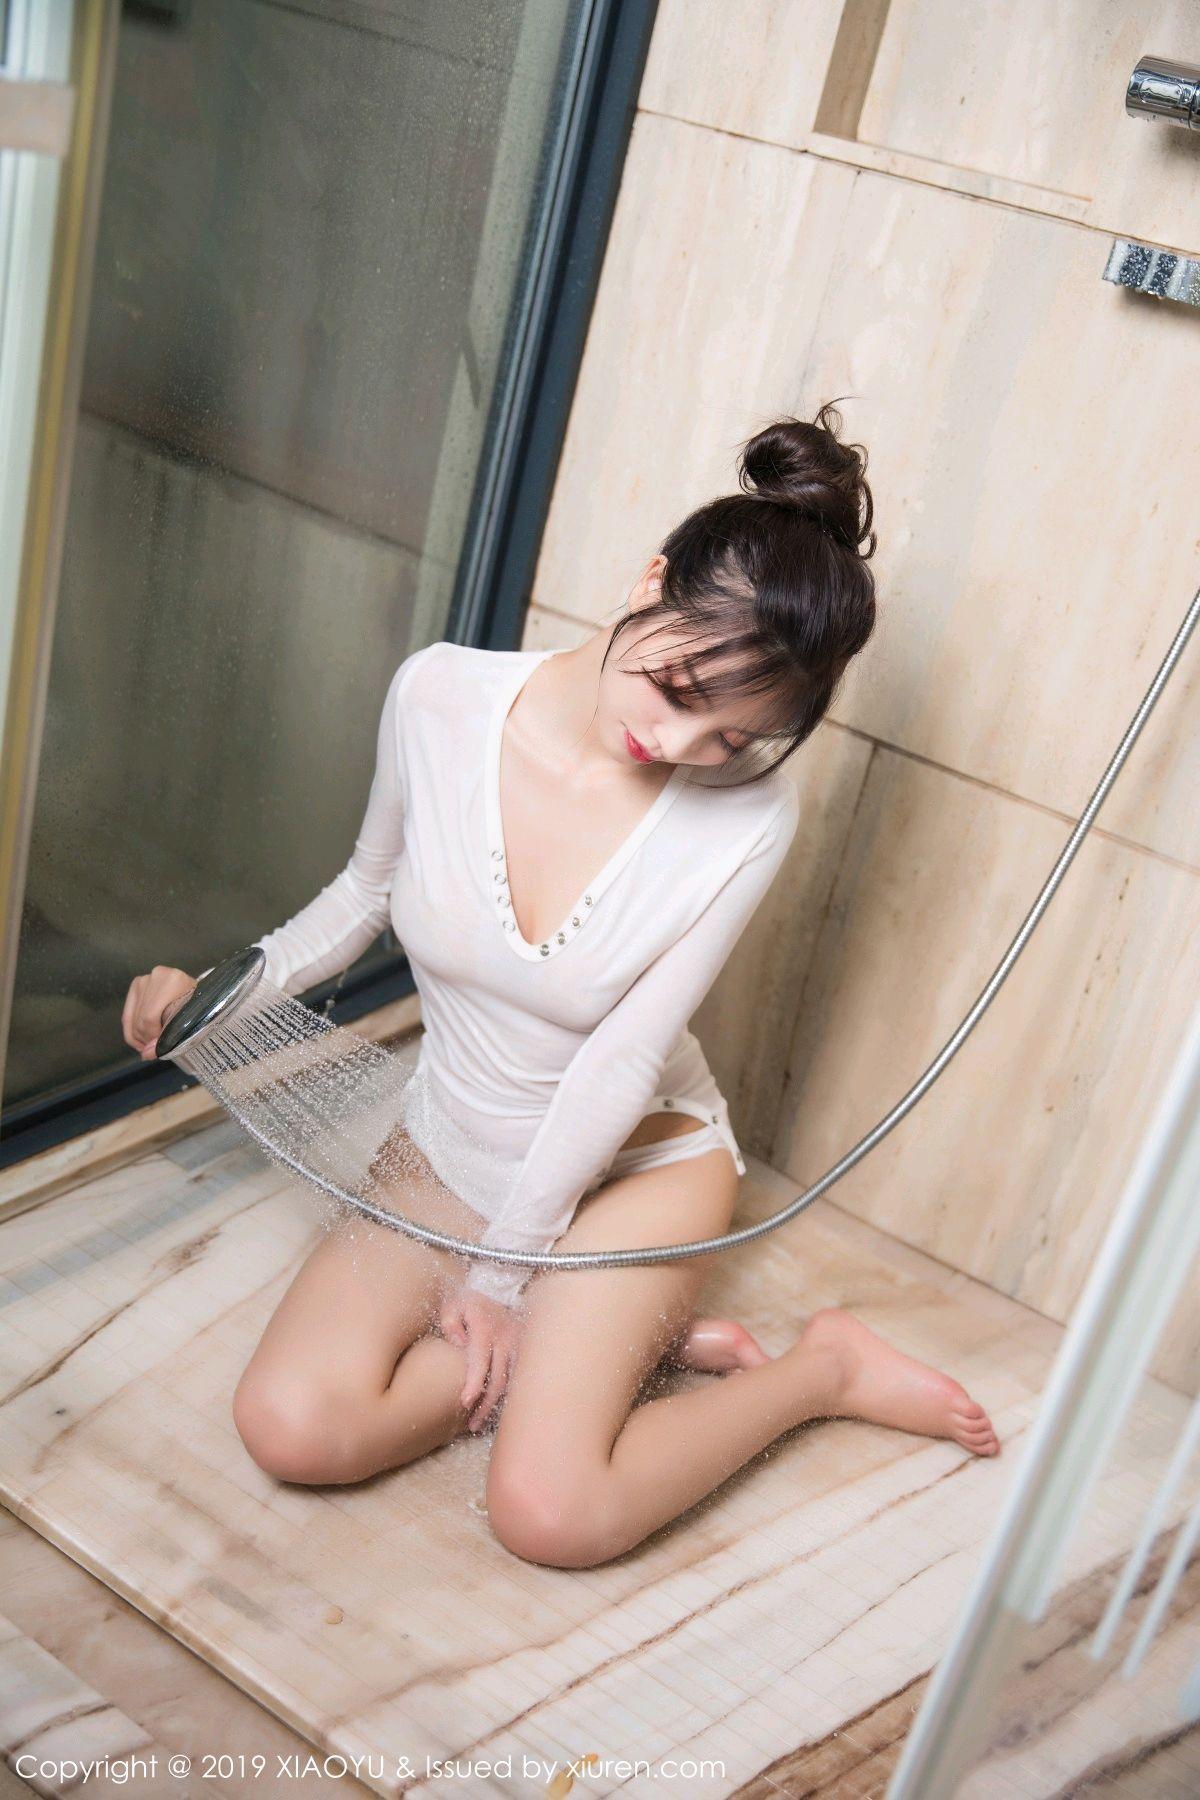 [XiaoYu] Vol.025 Yang Chen Chen 33P, Bathroom, Wet, XiaoYu, Yang Chen Chen